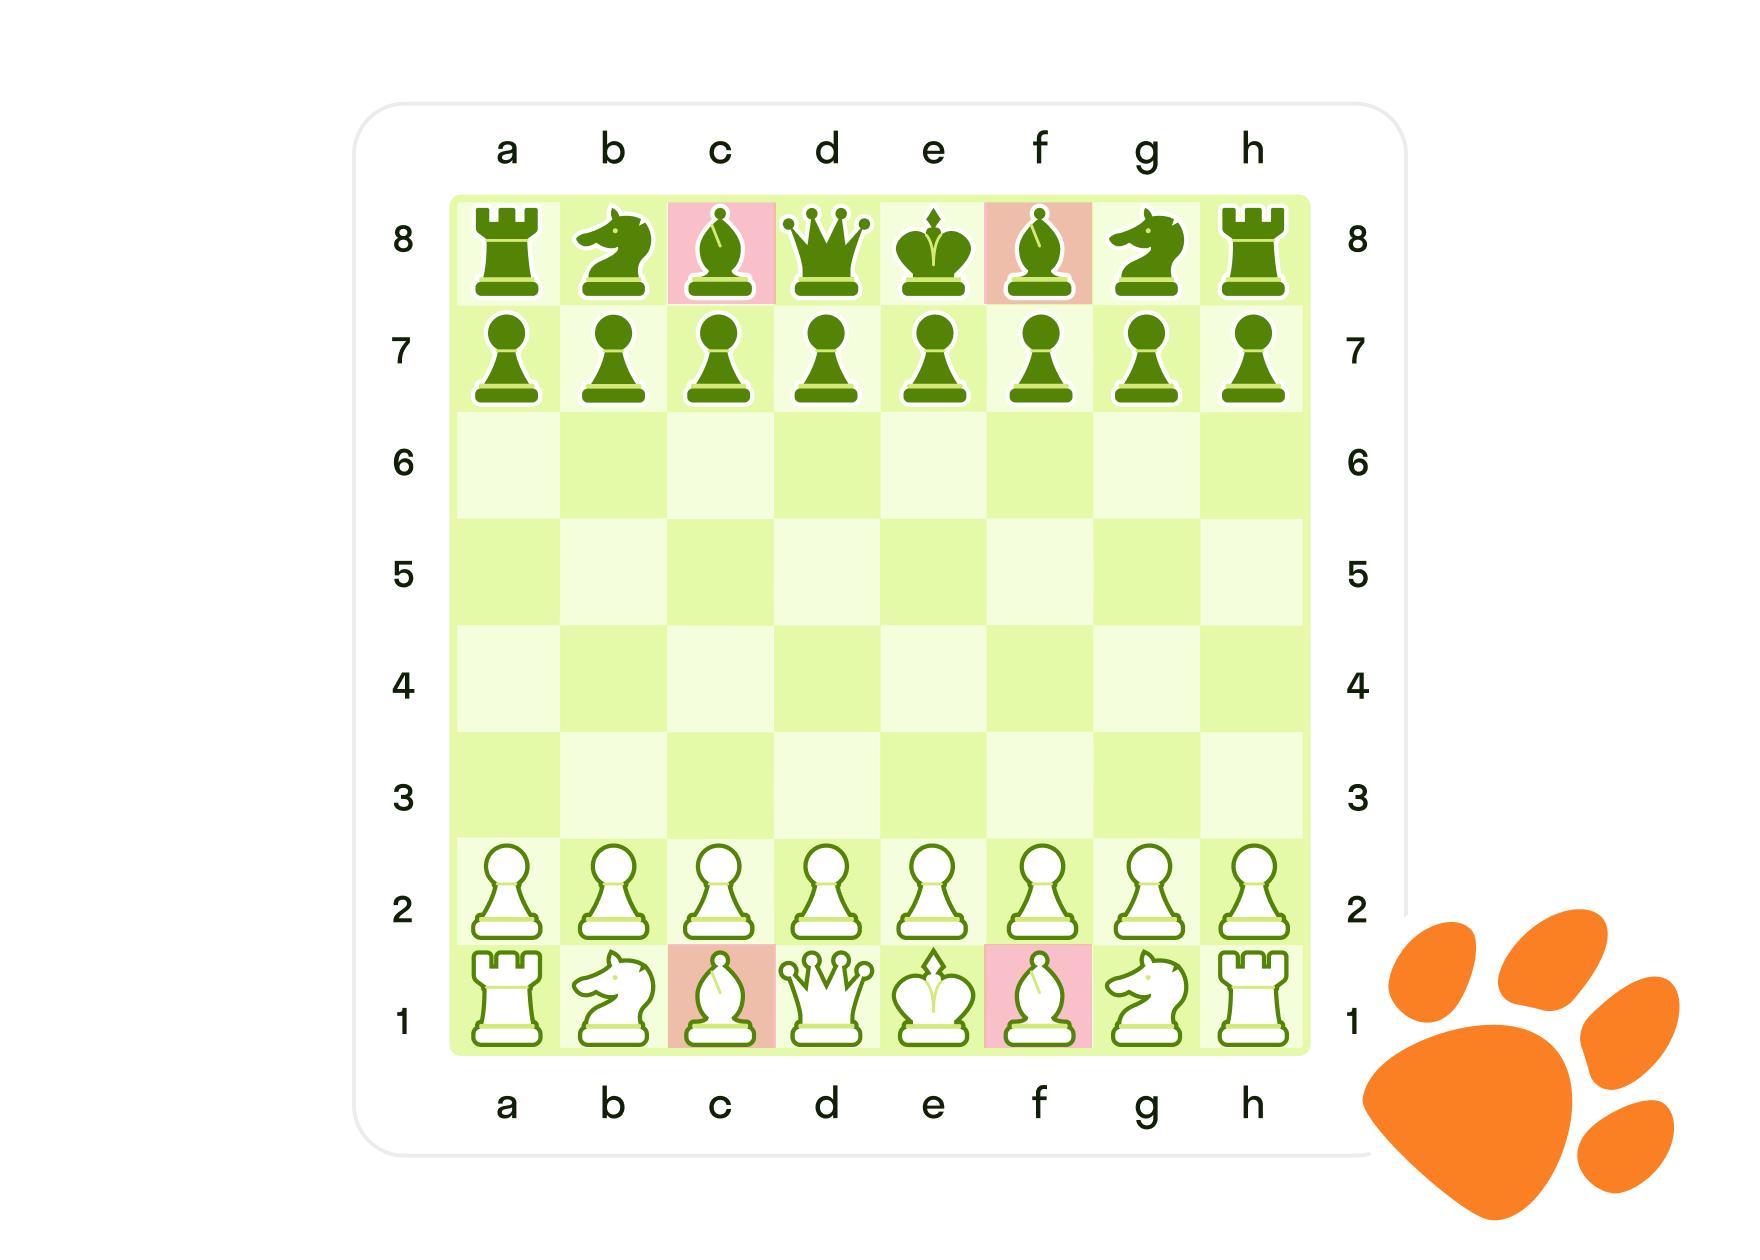 Где на шахматной доске стоят слоны